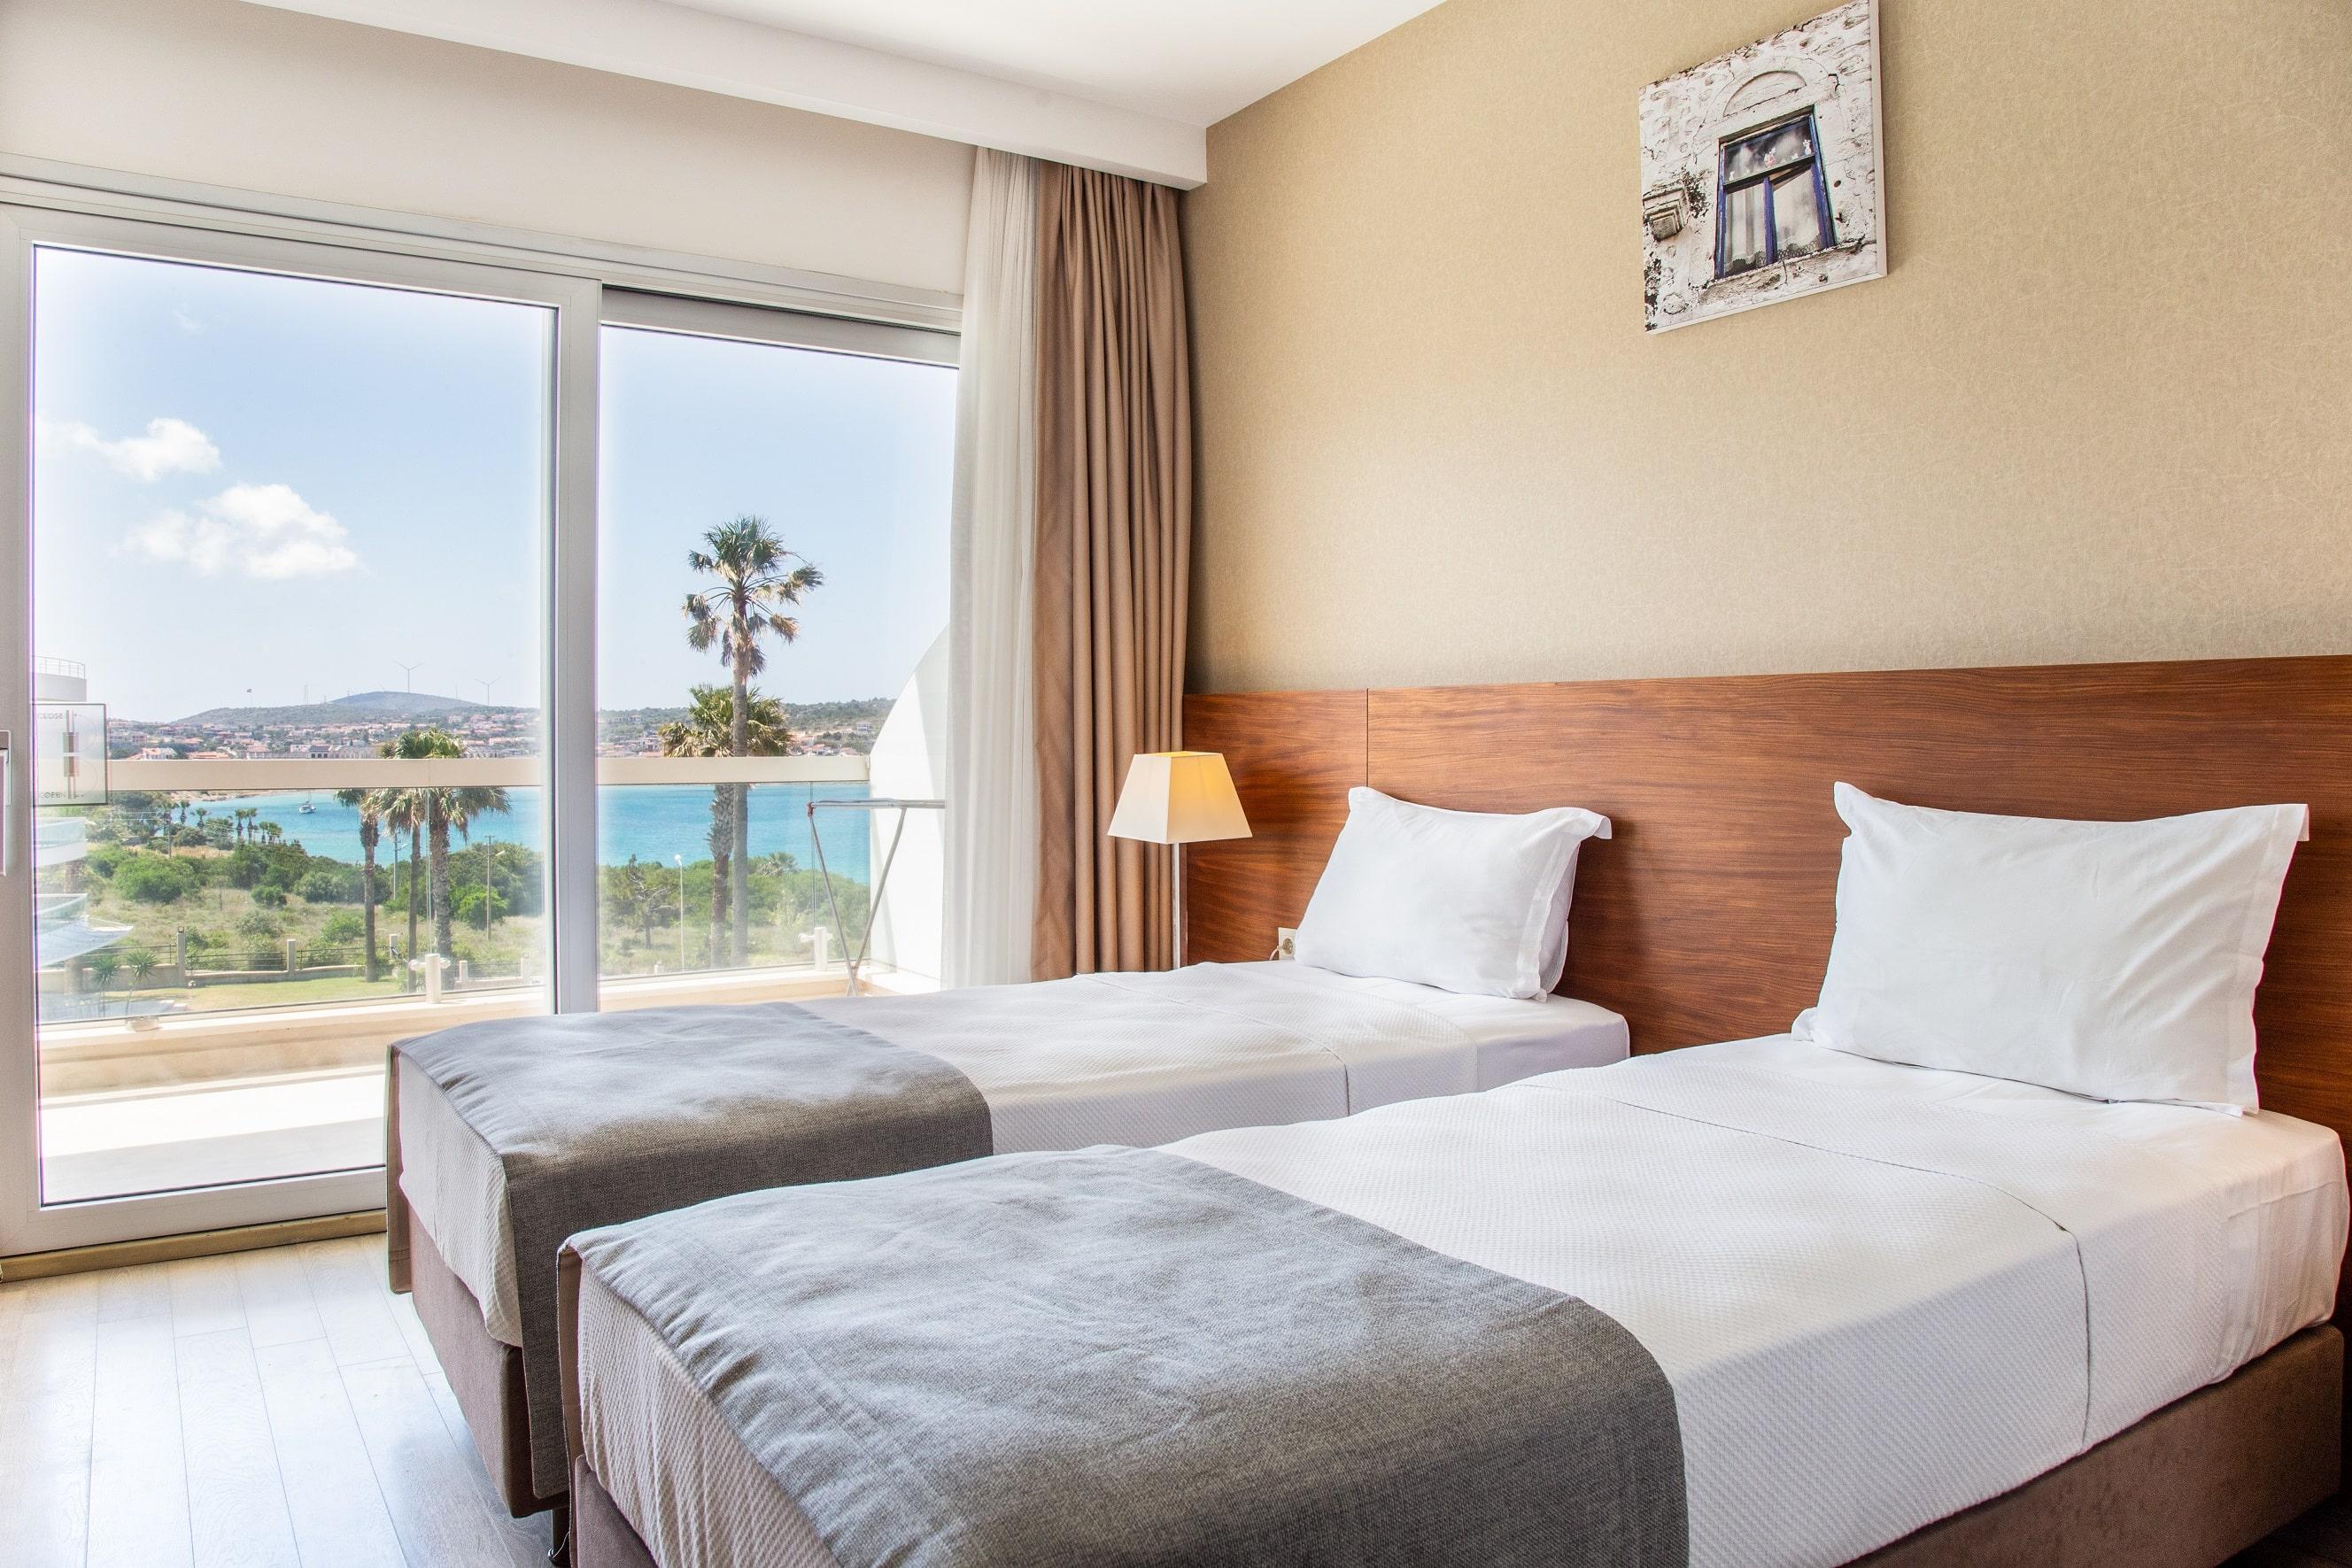 casa-de-playa-hotel-deluxe-oda-4